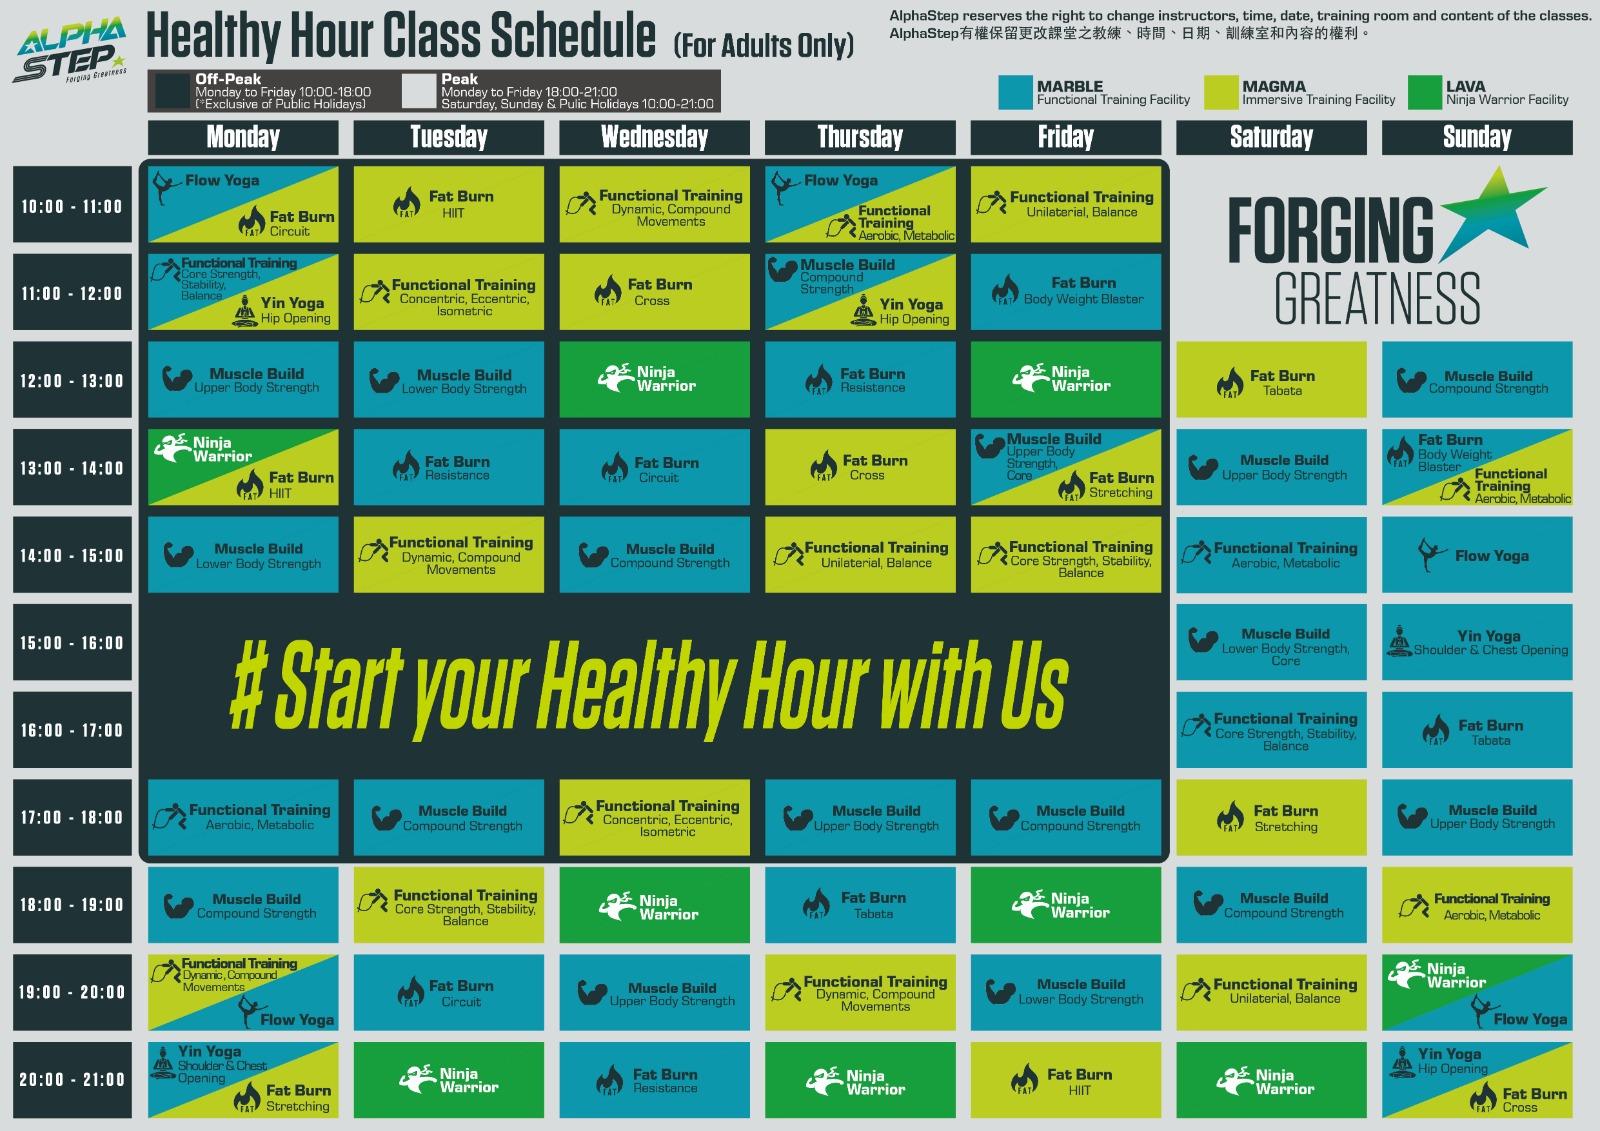 HH_Class Schedule_27 June 2021.jpeg (435 KB)